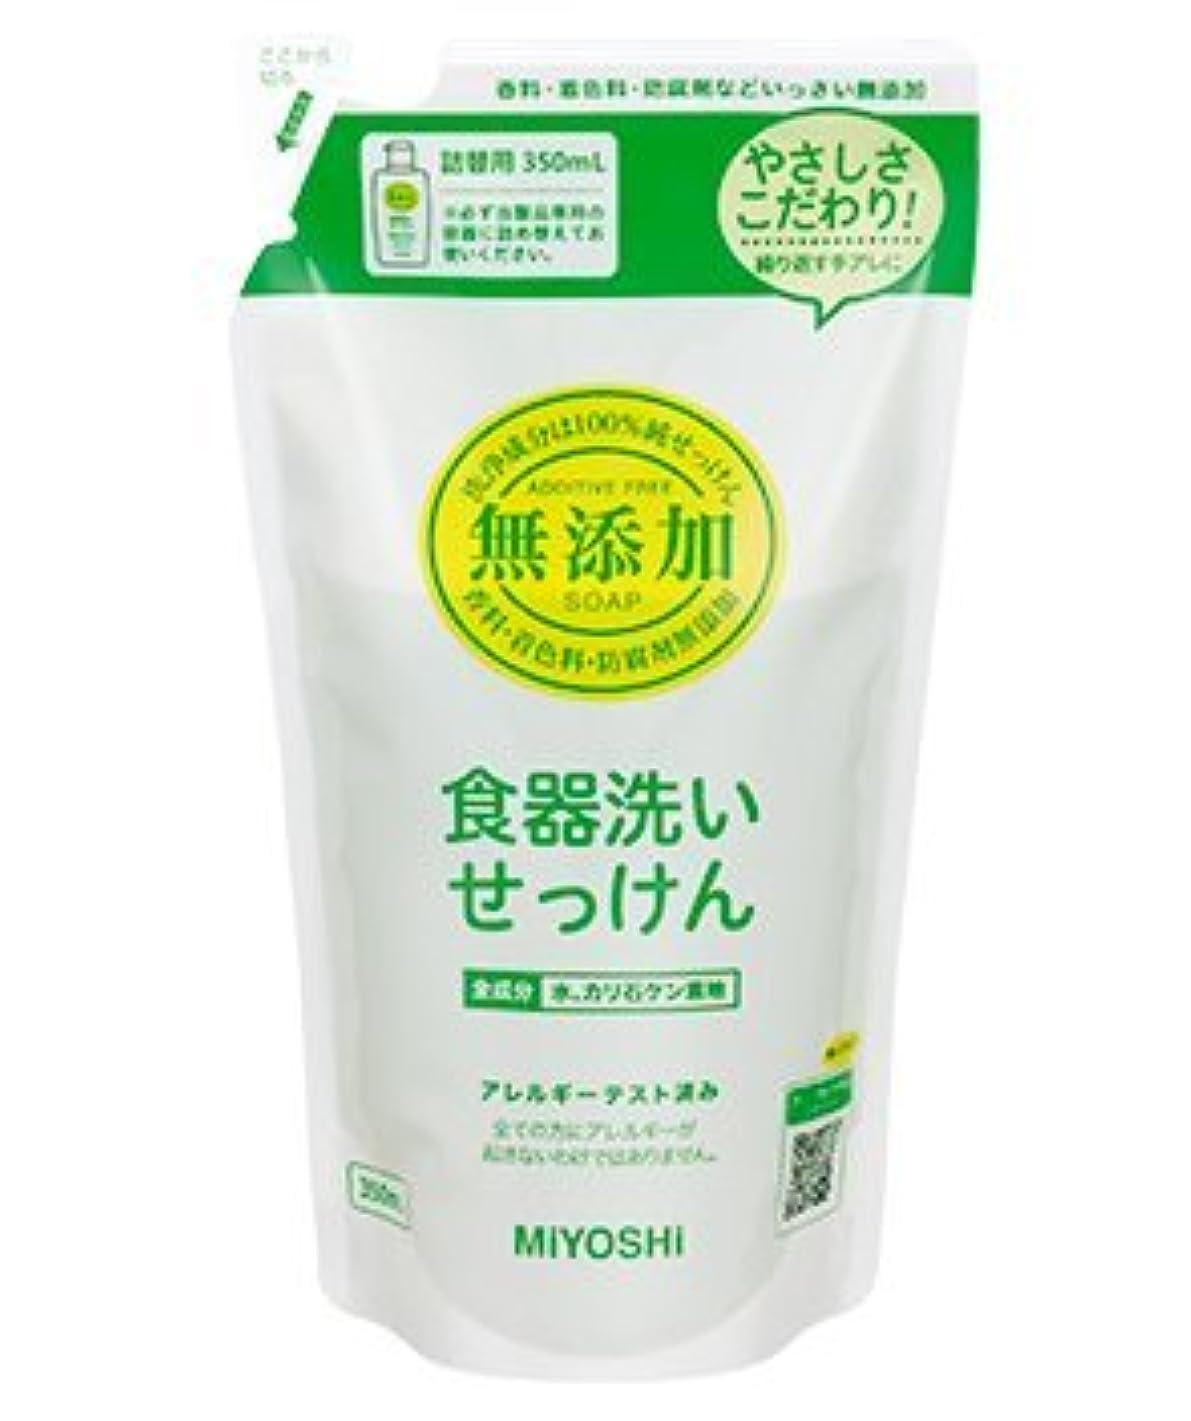 ネックレスインカ帝国有限ミヨシ石鹸 無添加 食器洗いせっけん スタンディング つめかえ用 350ml×24個セット